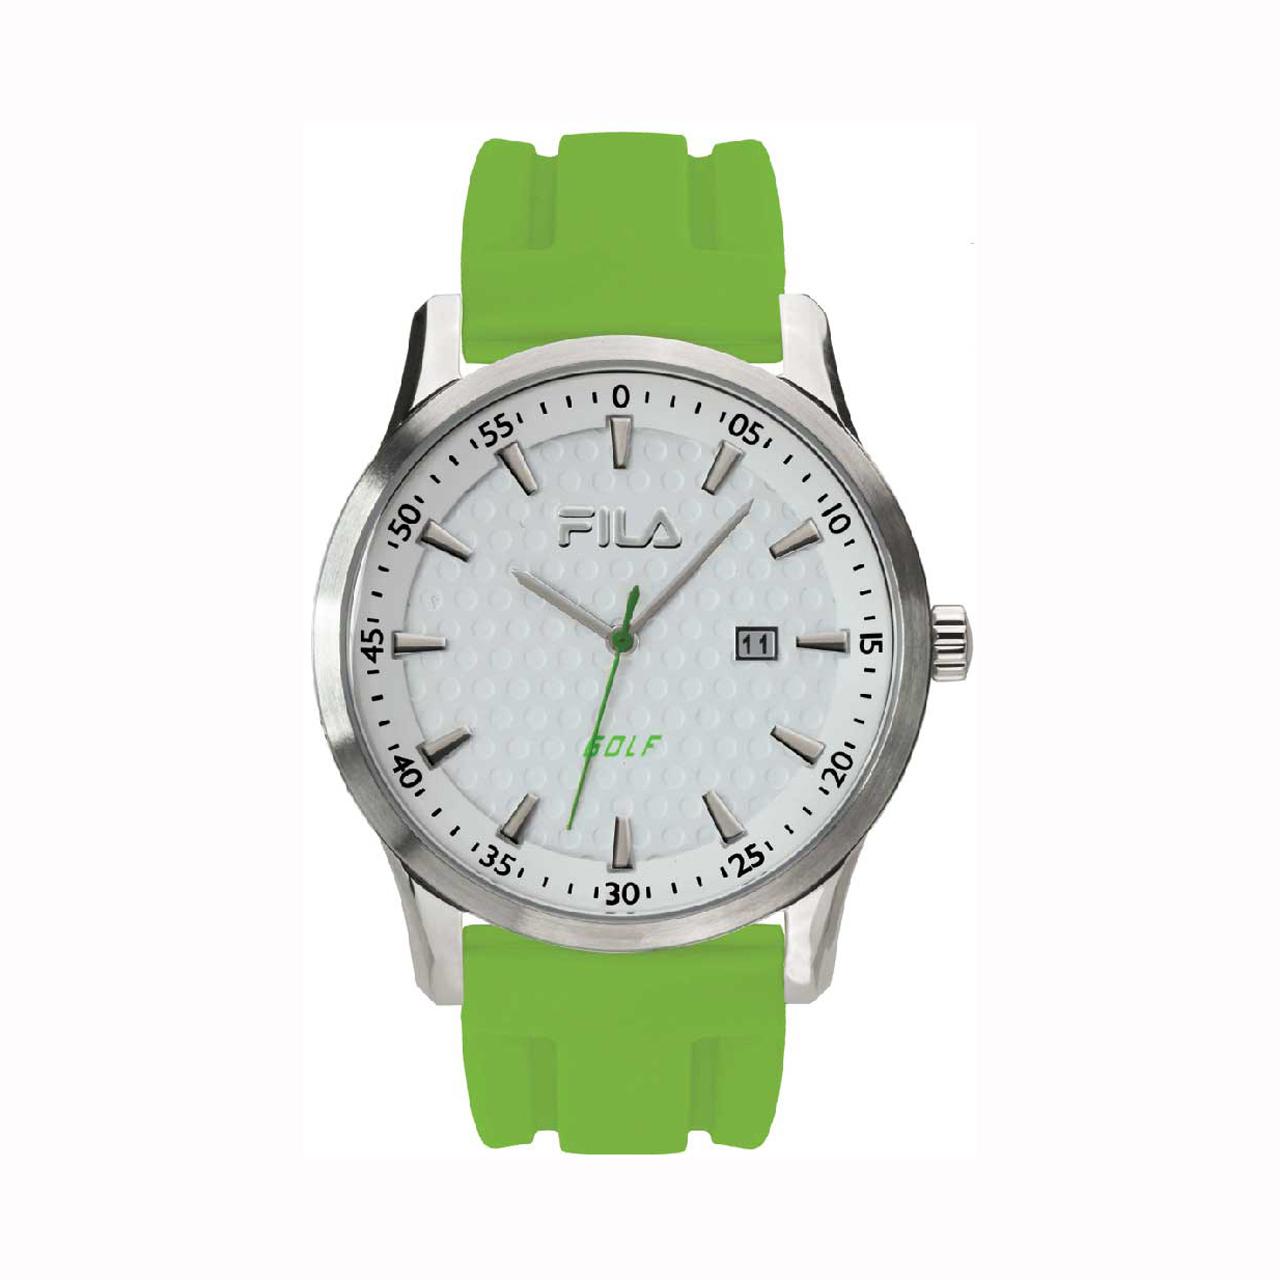 ساعت مچی عقربه ای مردانه ی فیلا مدل 38-154-003fila              ارزان